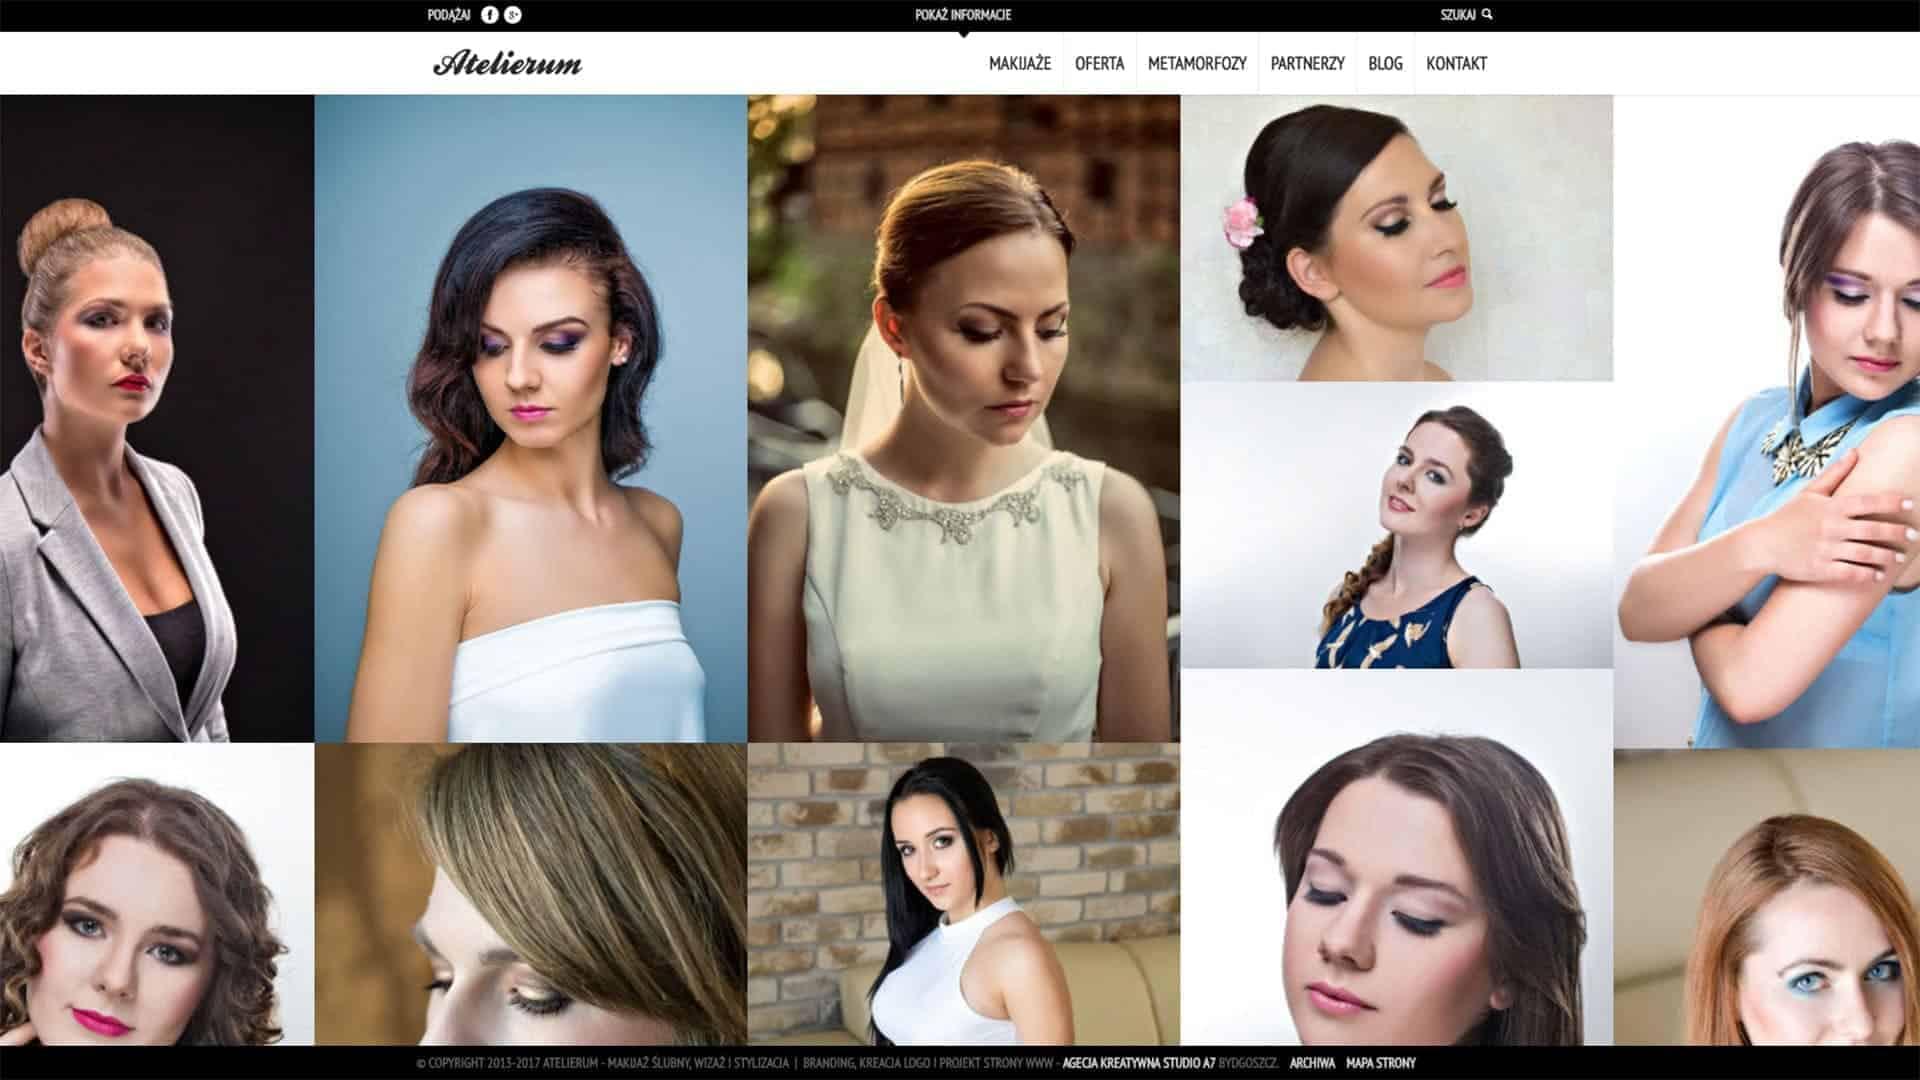 Projekt strony internetowej dla studia makijażu i wizażu Atelierum - Bydgoszcz